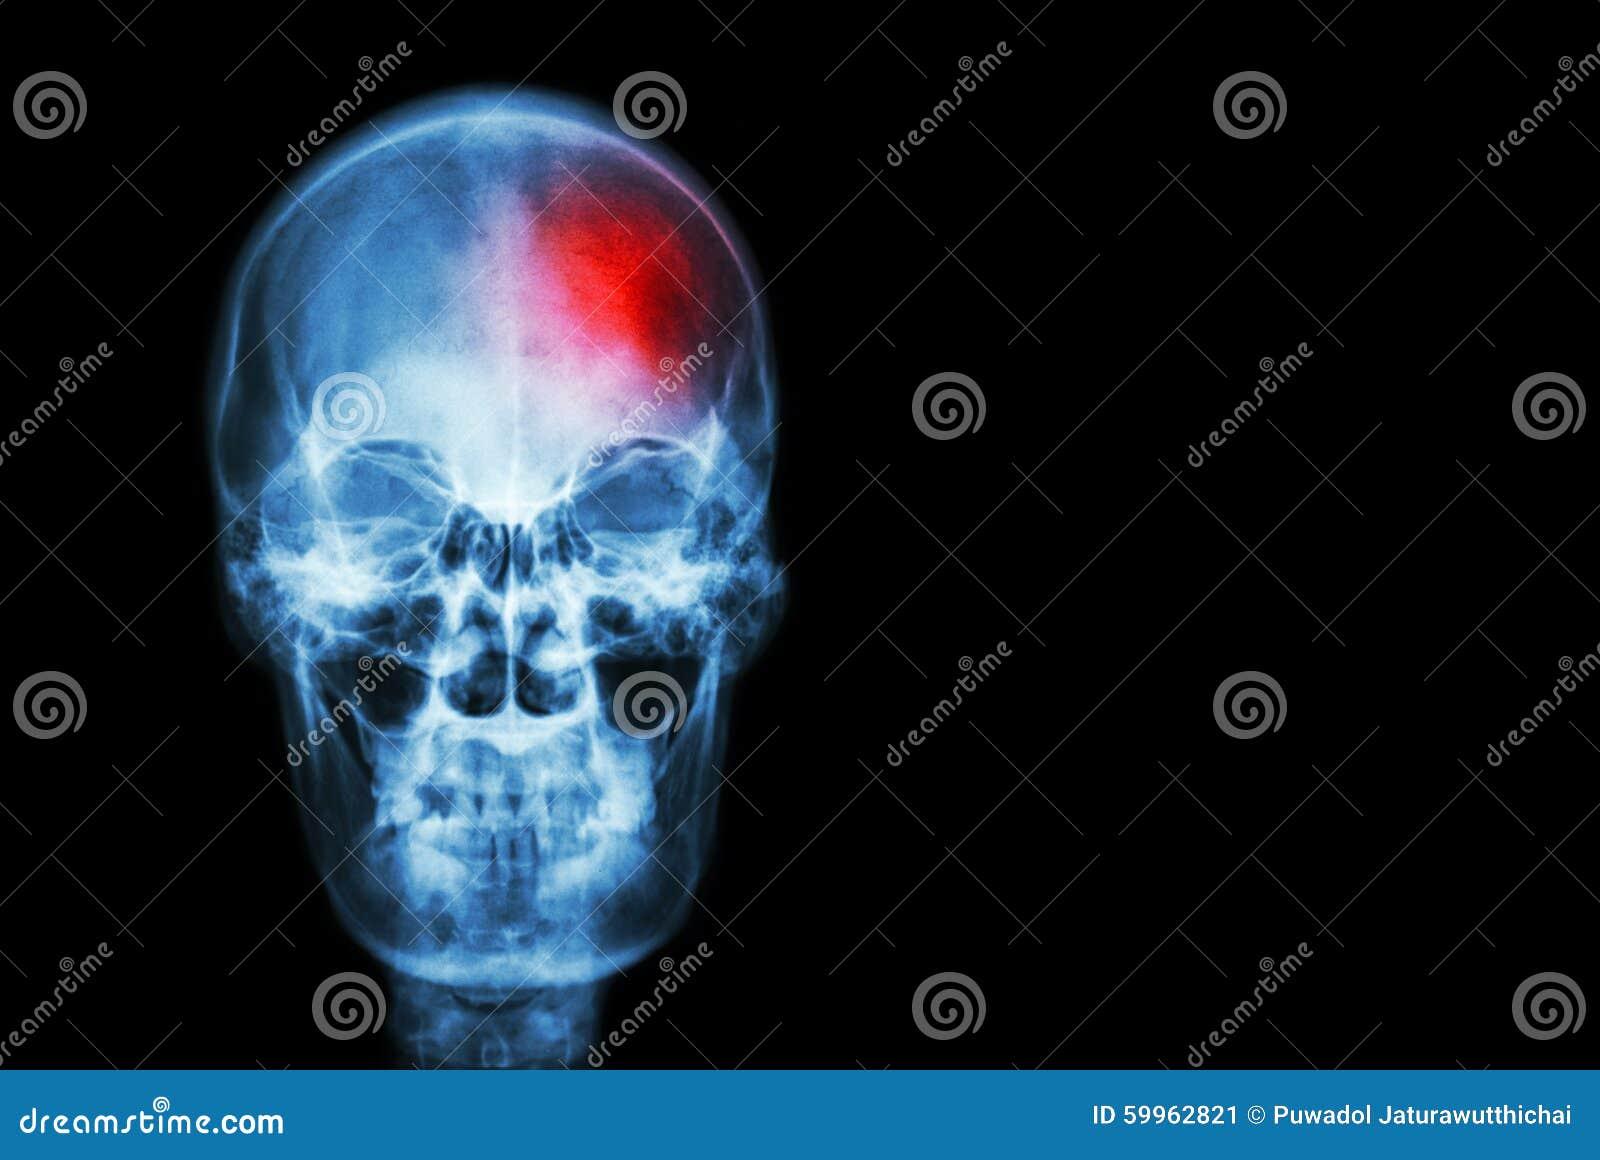 Movimiento (accidente cerebrovascular) filme el cráneo de la radiografía del ser humano con el área roja (médica, ciencia y conce